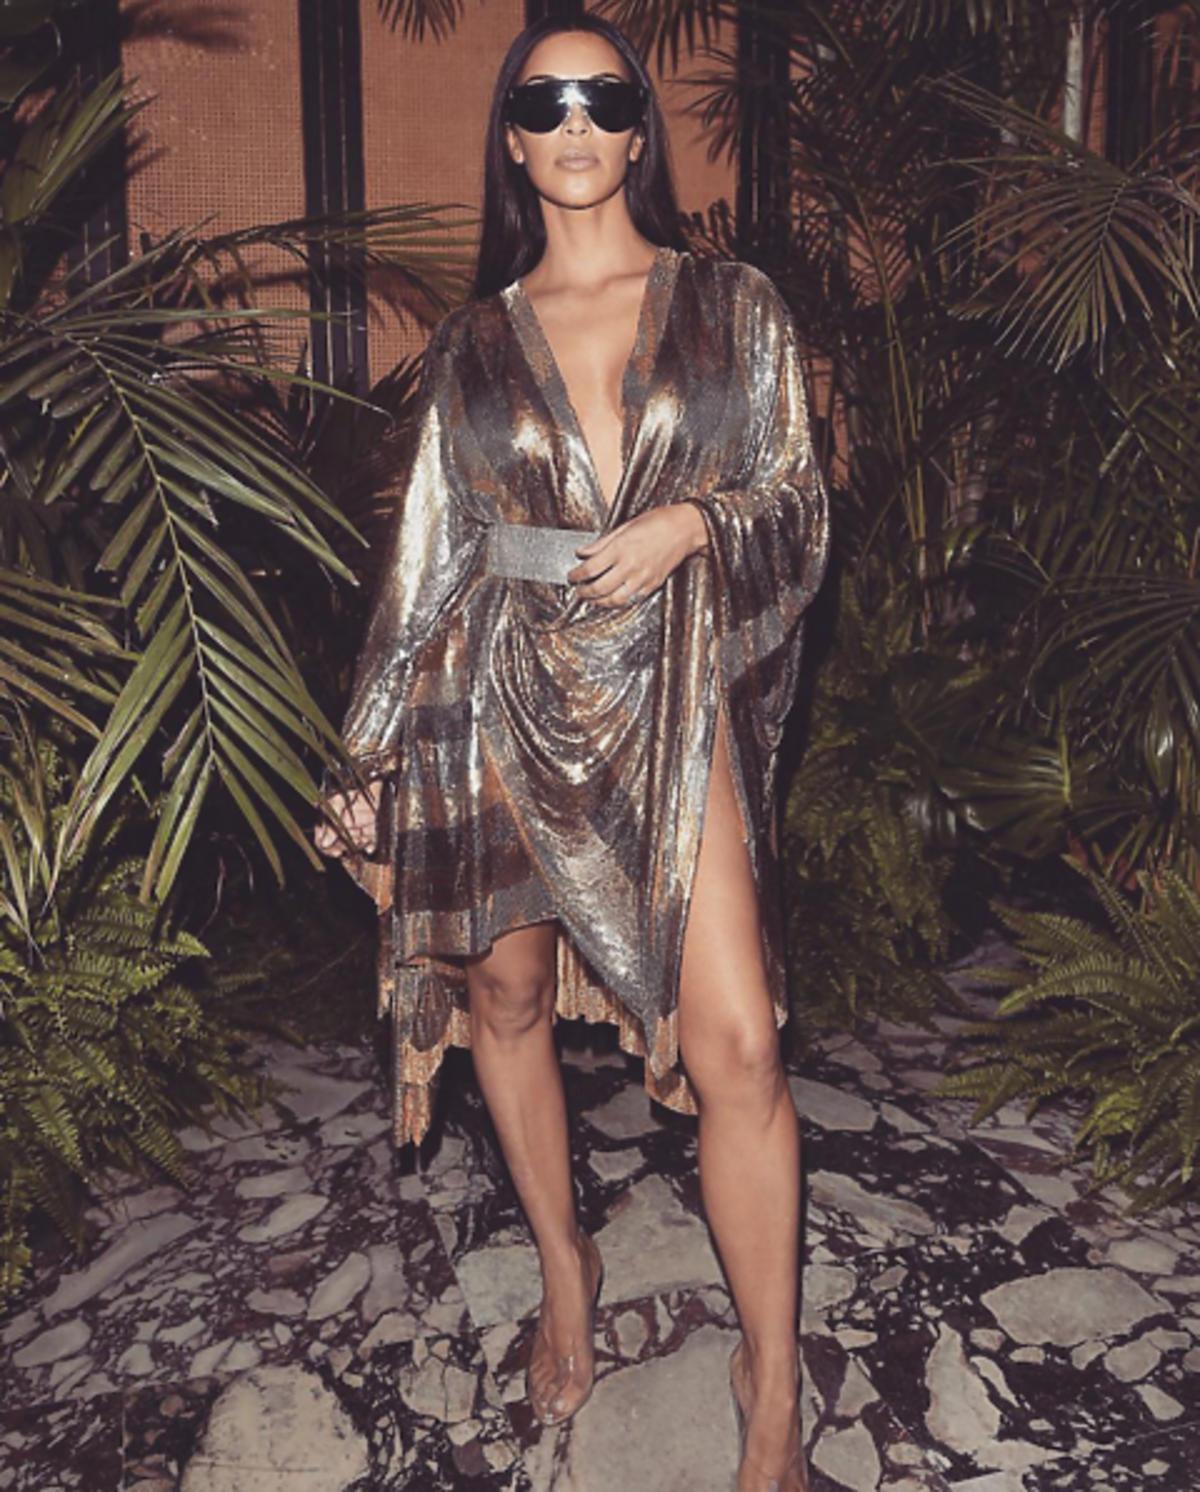 Kim Kardashian w złoto-srebrnej sukience i okularach